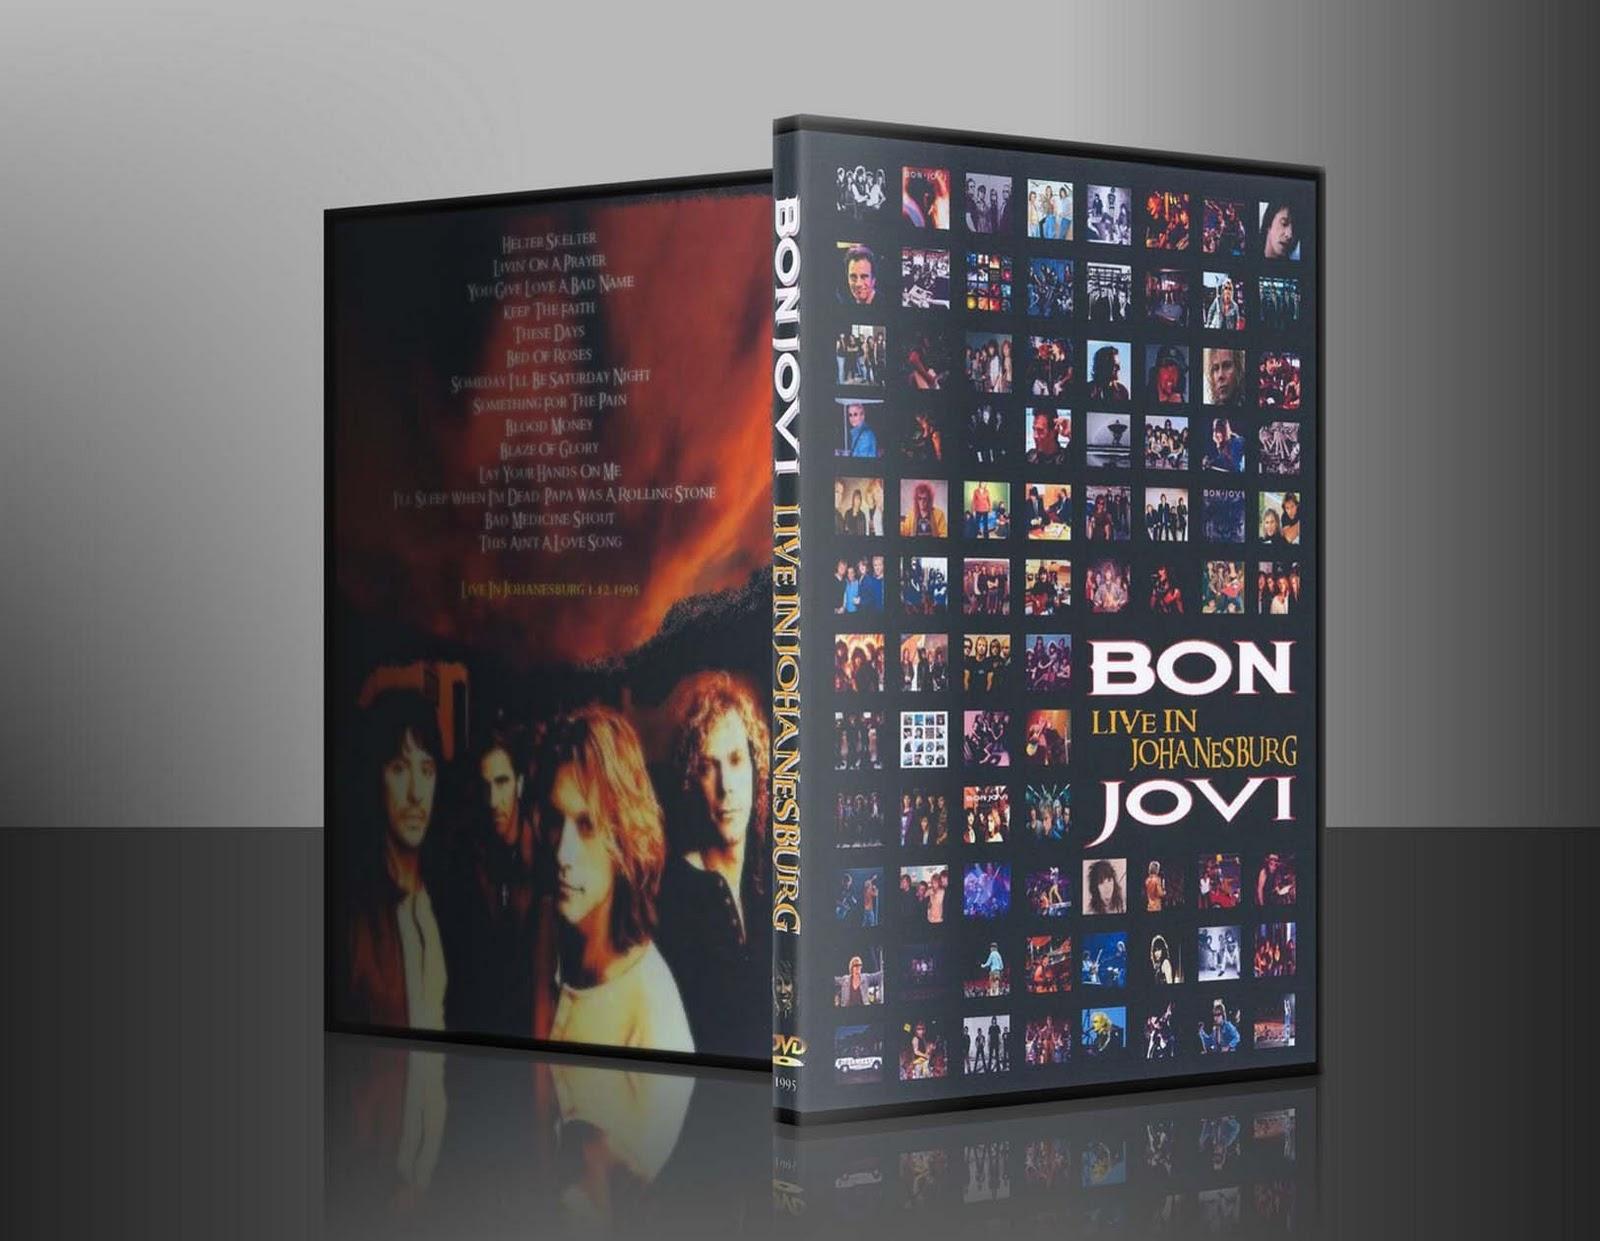 bon jovi these days pdf rar